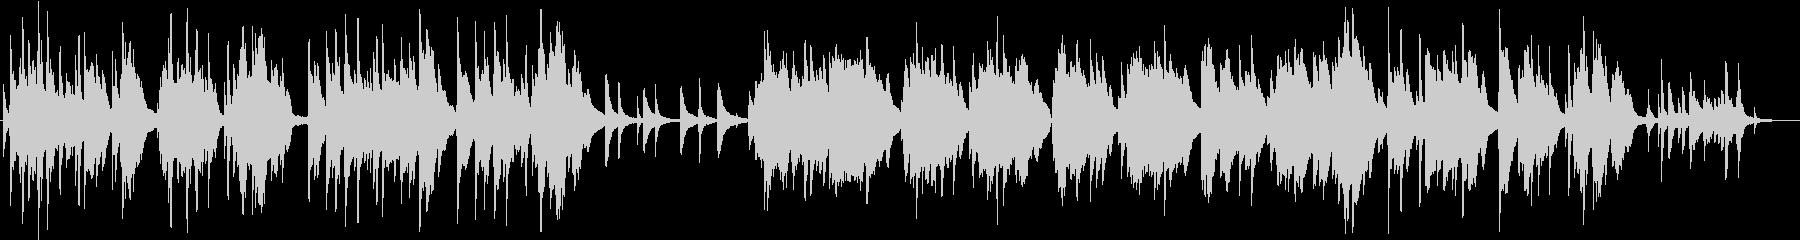 ピアノソロ グリーンスリーブス 切ないの未再生の波形